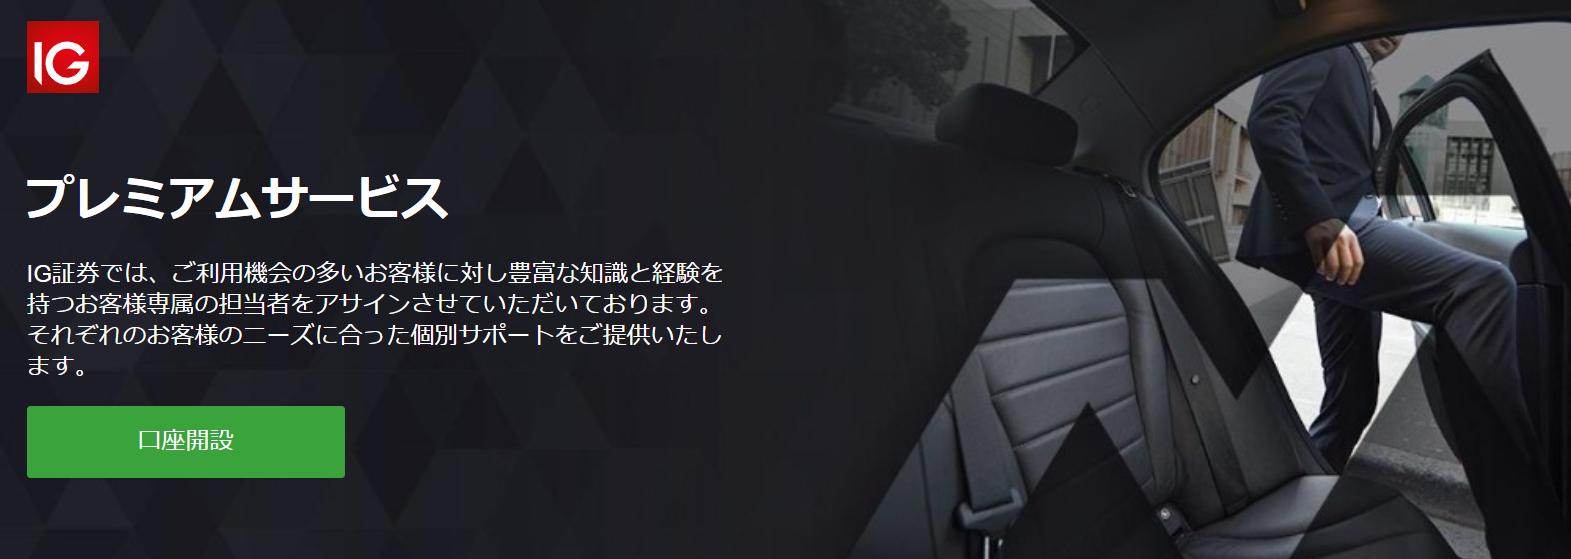 IG証券 評判_プレミアムサービスのイメージ画像